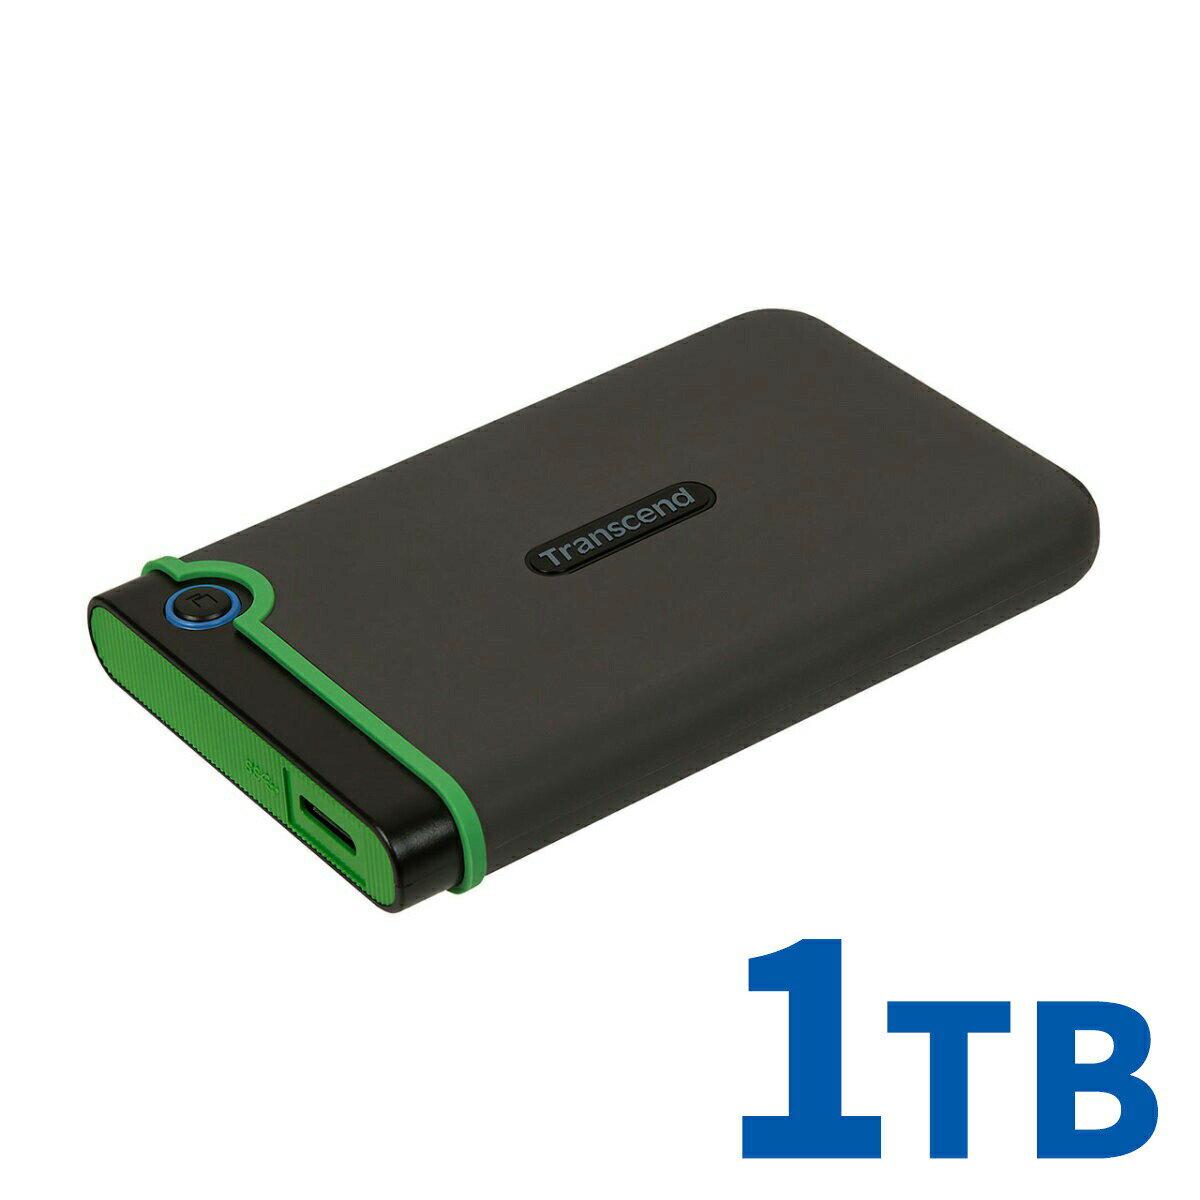 Transcend ポータブルHDD 1TB USB3.1 2.5インチ スリムポータブルHDD 耐衝撃 3年保証 ハードディスク 外付けHDD ポータブルハードディスク トランセンド StoreJet[TS1TSJ25M3S]【送料無料】